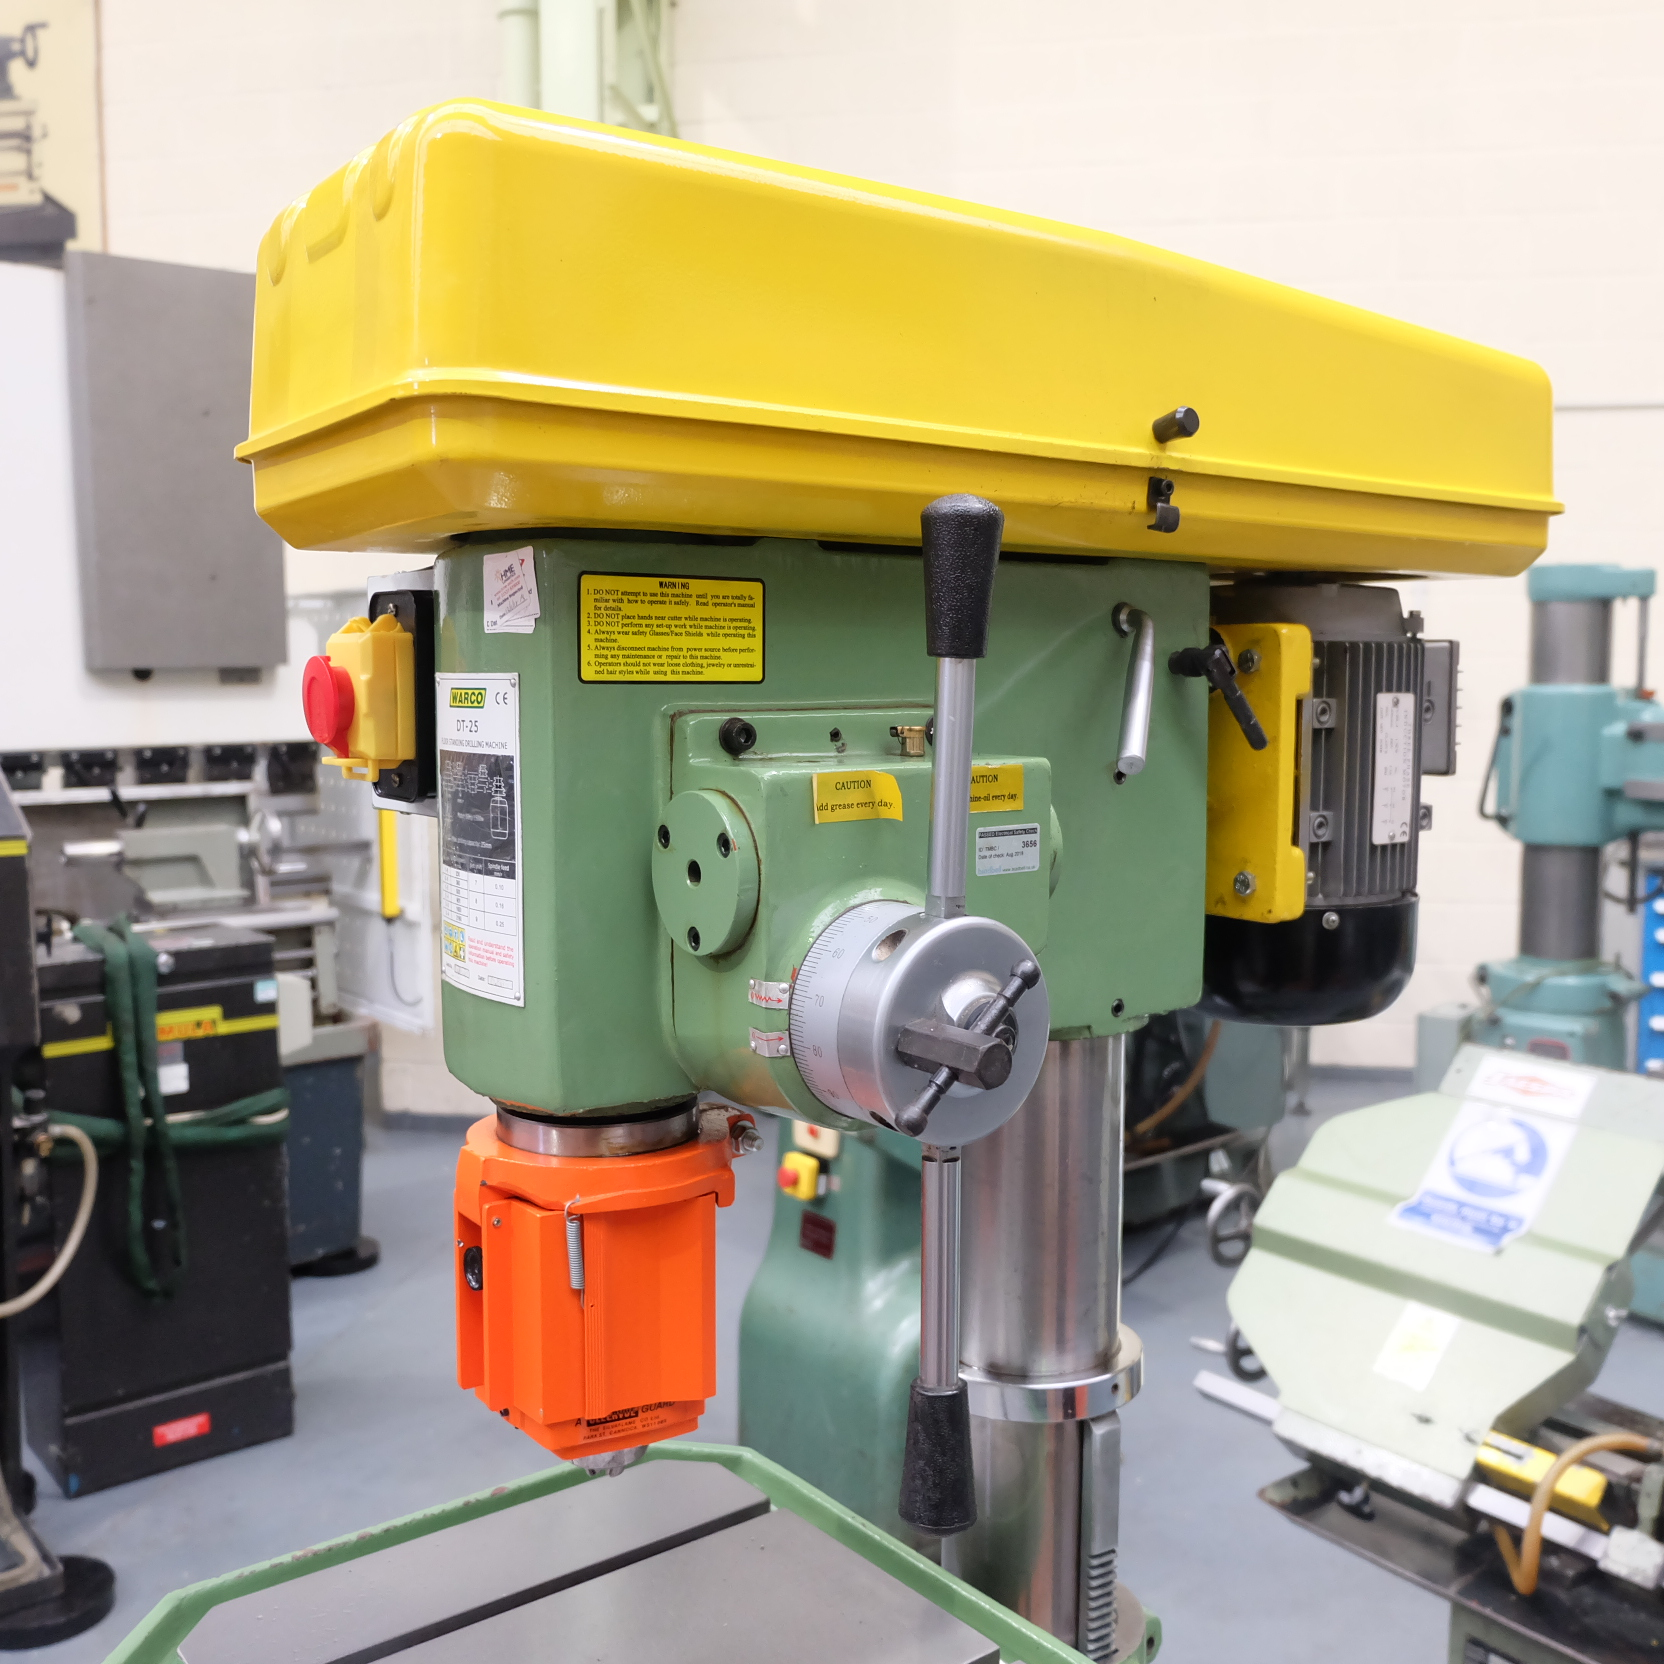 Warco Model DT-25: Floor Standing Pillar Drill. - Image 2 of 8